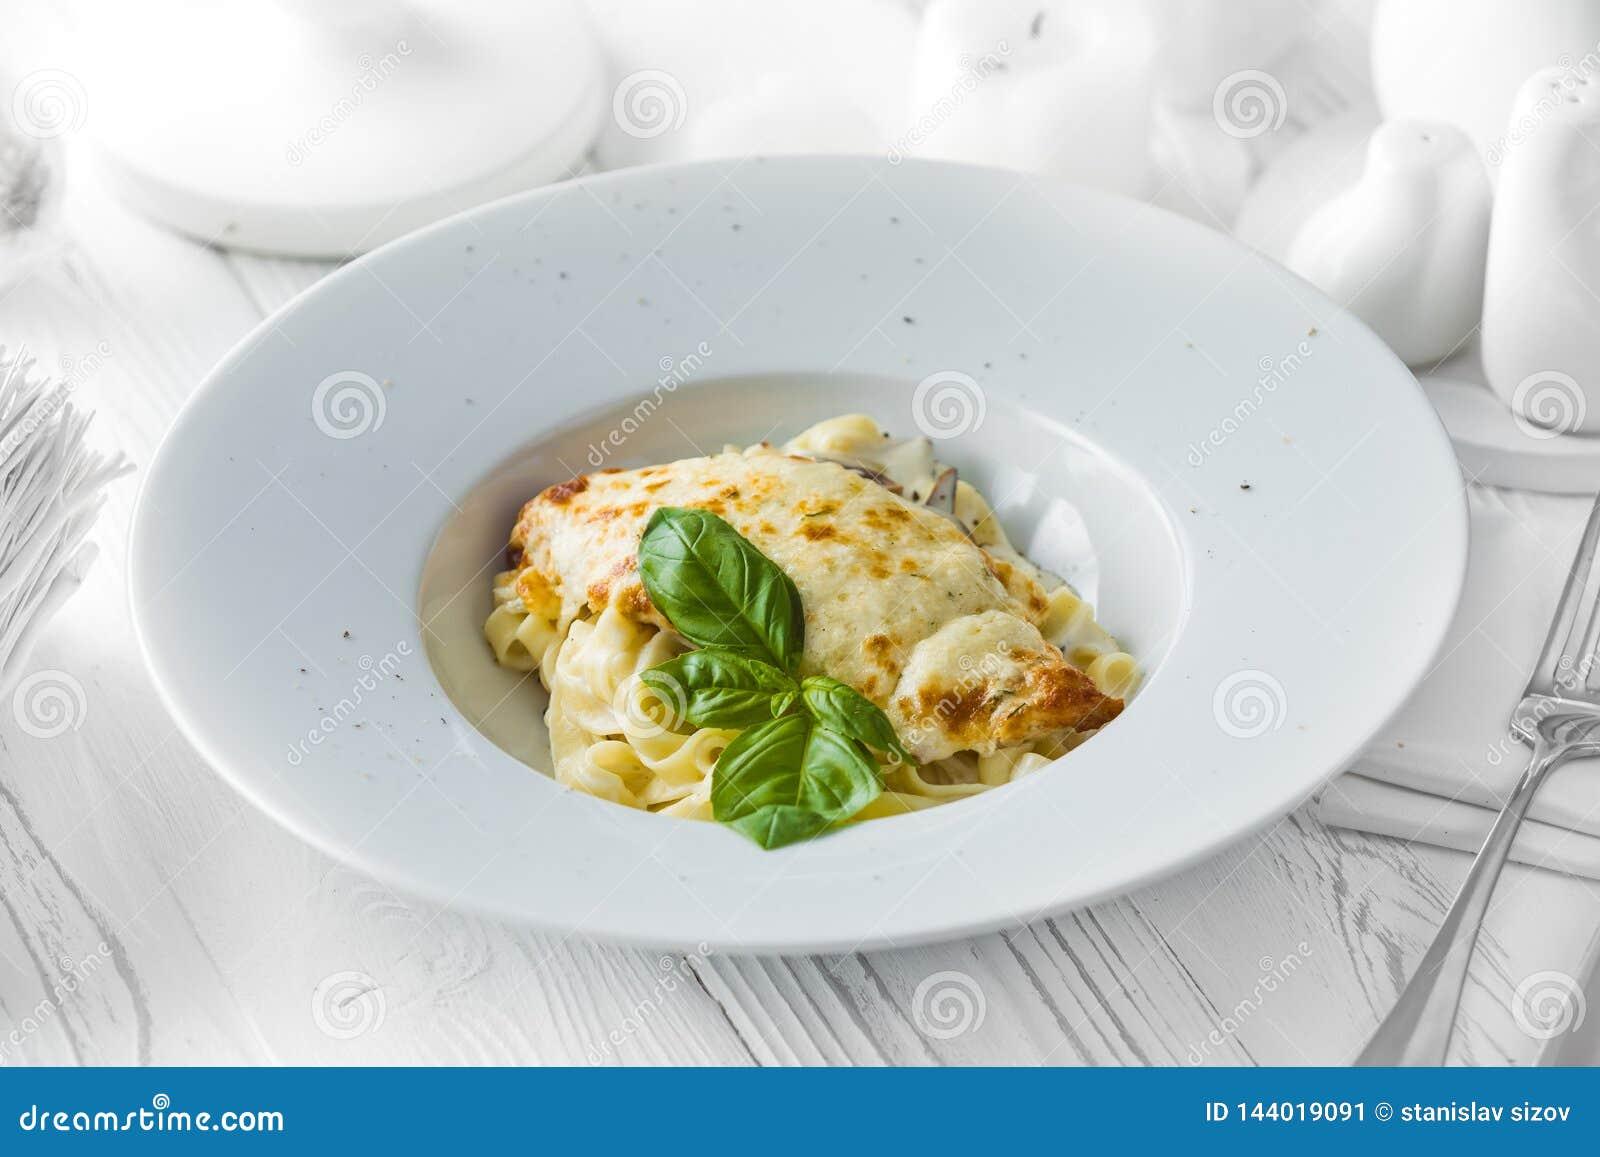 Prato italiano clássico das lasanhas em uma bacia